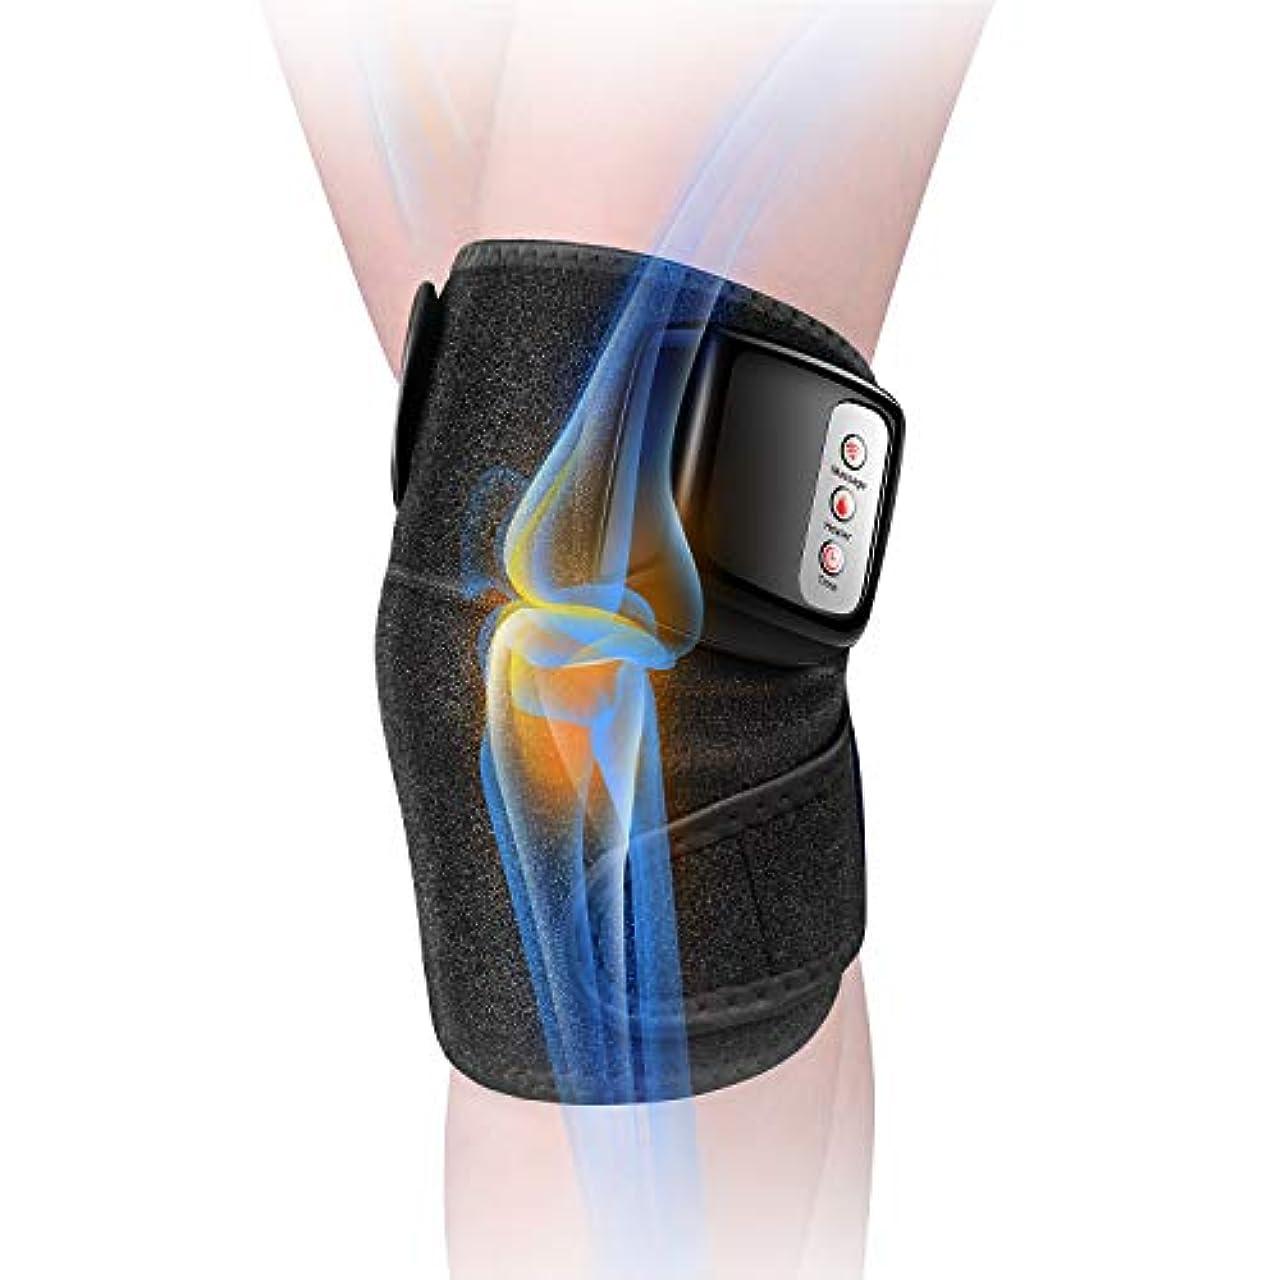 番目ペチュランス公使館膝マッサージャー 関節マッサージャー マッサージ器 フットマッサージャー 振動 赤外線療法 温熱療法 膝サポーター ストレス解消 肩 太もも/腕対応